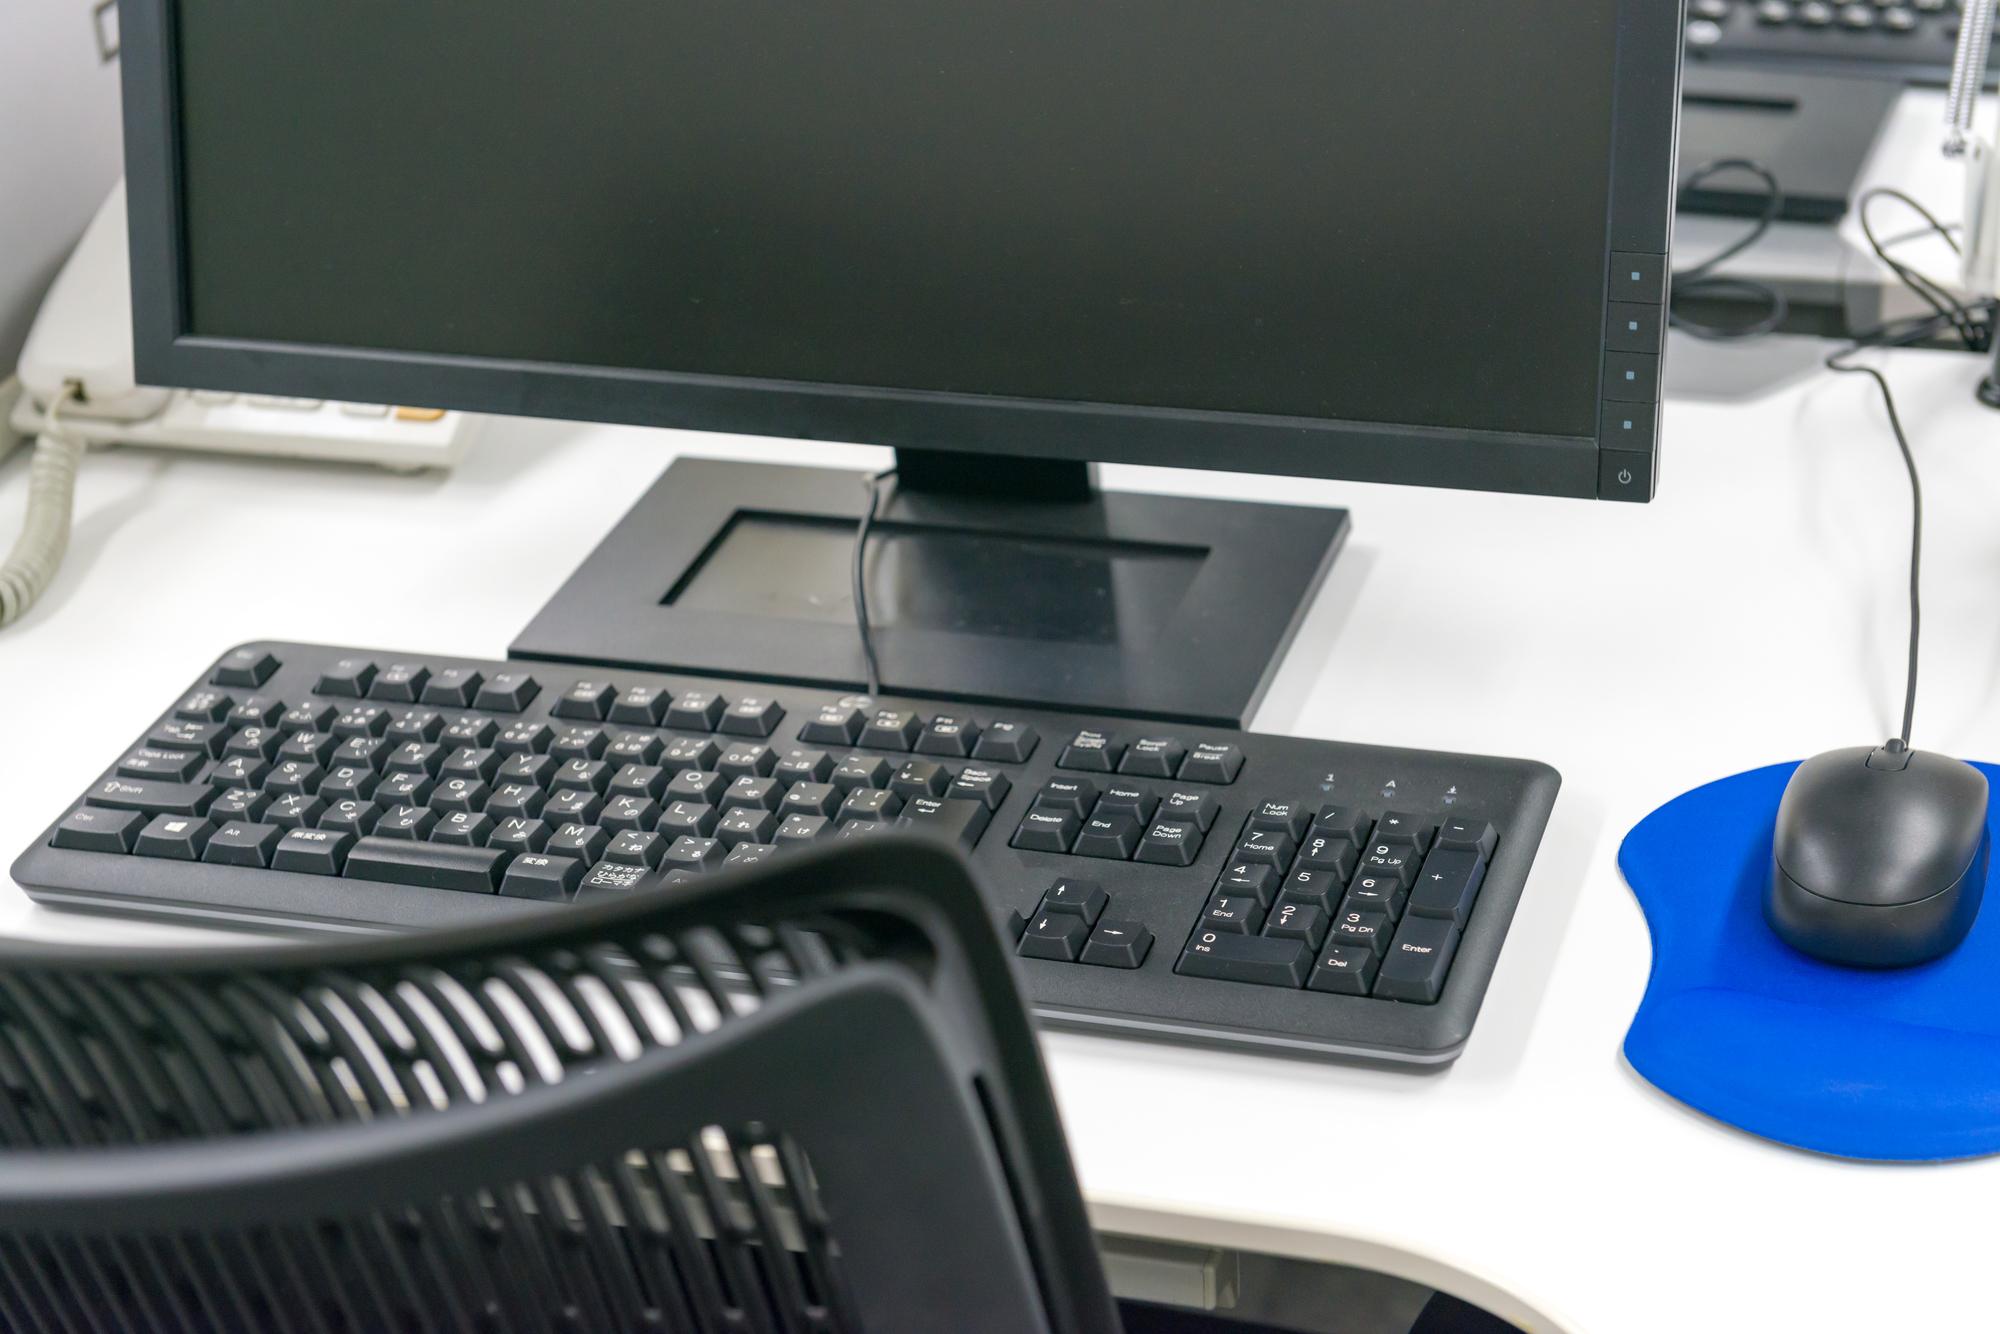 04_デスクトップパソコンの寿命は何年?寿命間近の症状と長く使い続けるために知っておくべきポイント